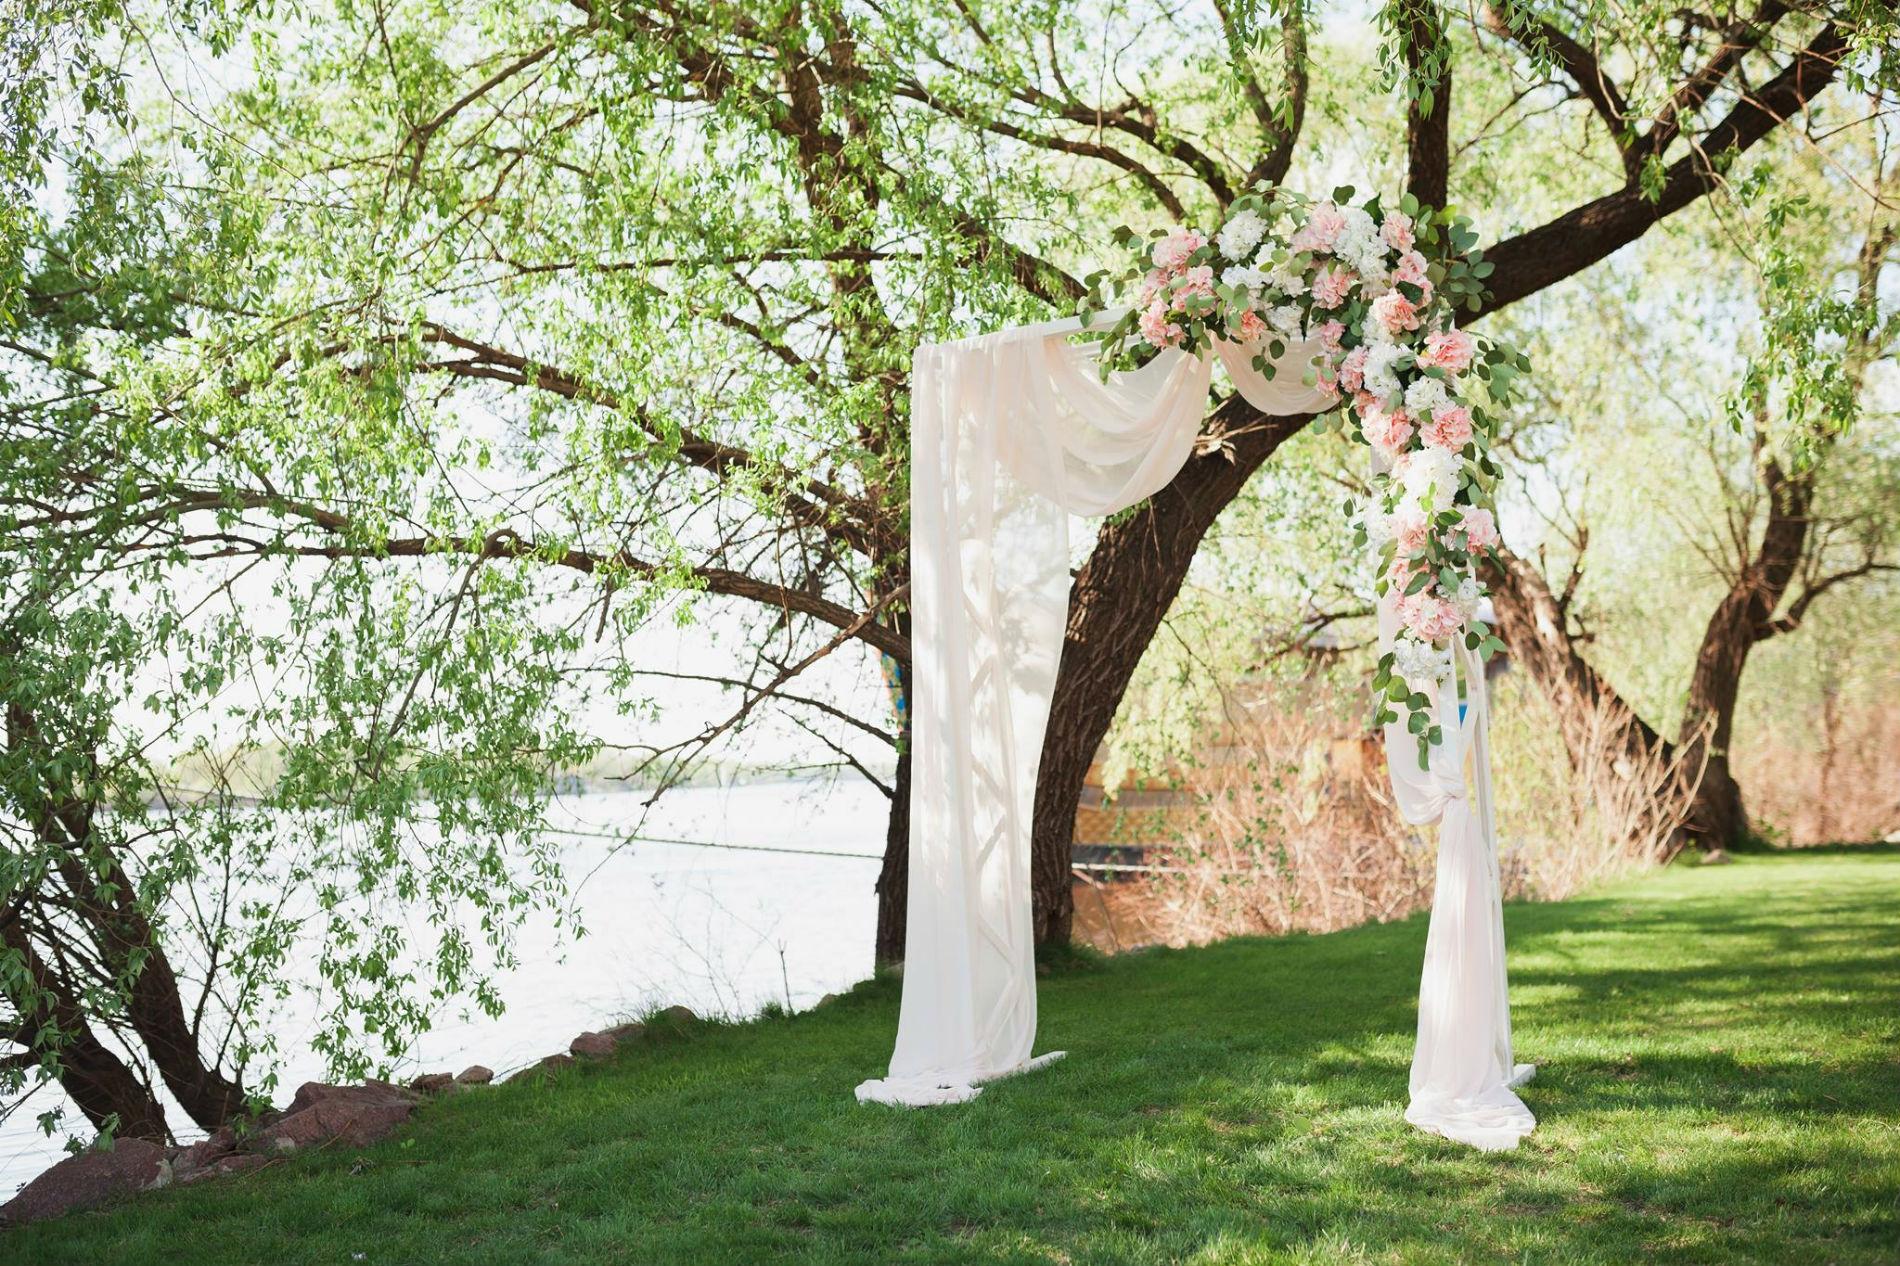 Weddings and field ceremonies